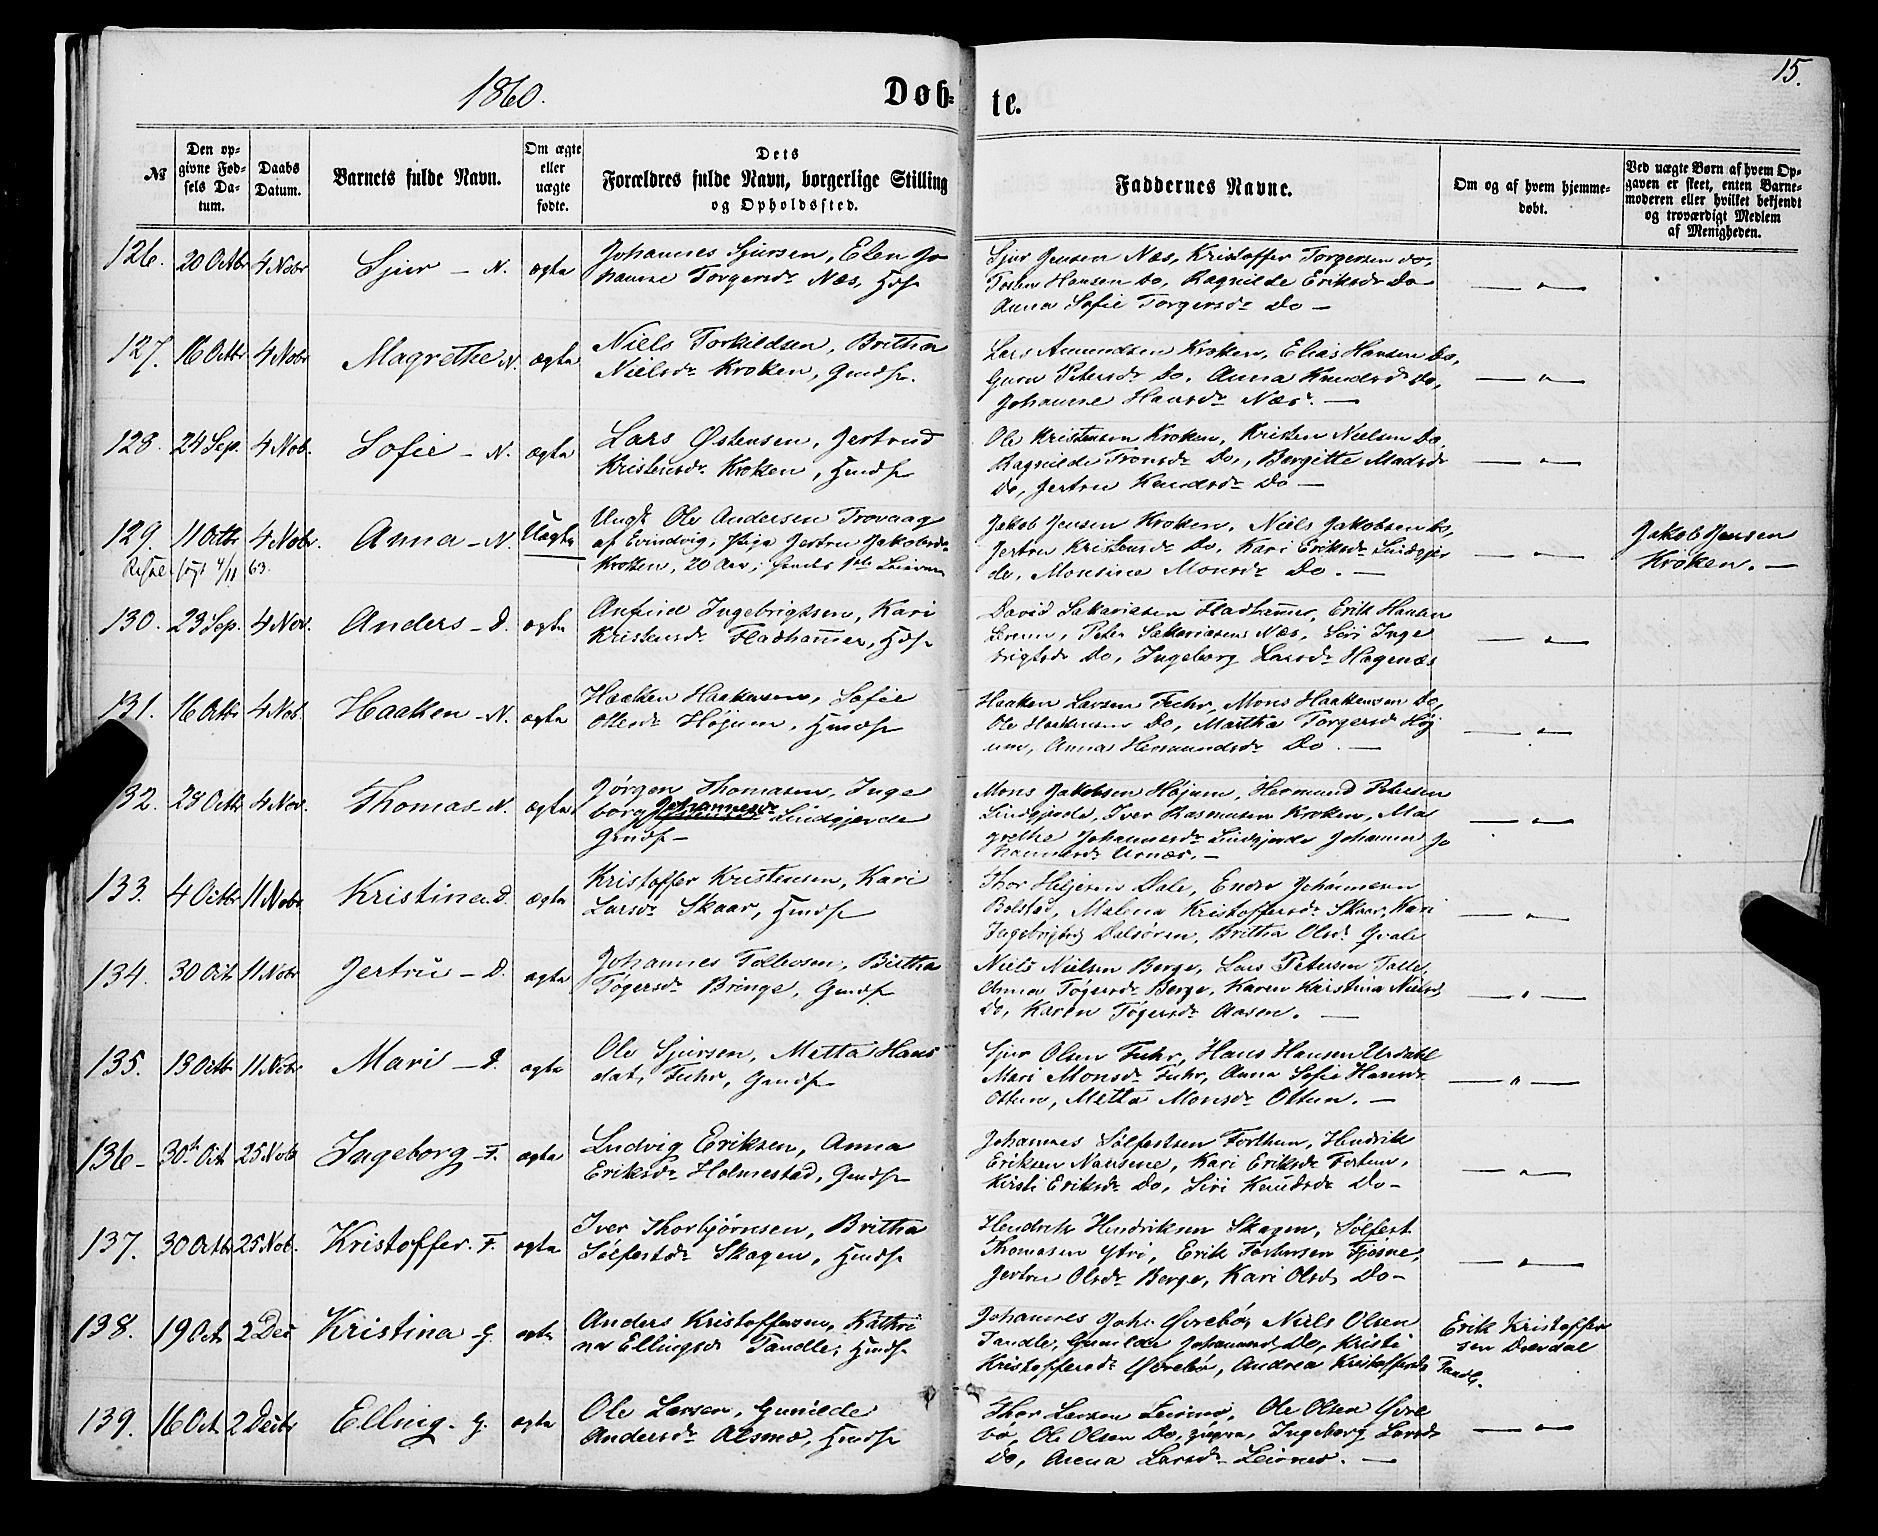 SAB, Luster sokneprestembete, H/Haa/Haaa/L0008: Ministerialbok nr. A 8, 1860-1870, s. 15